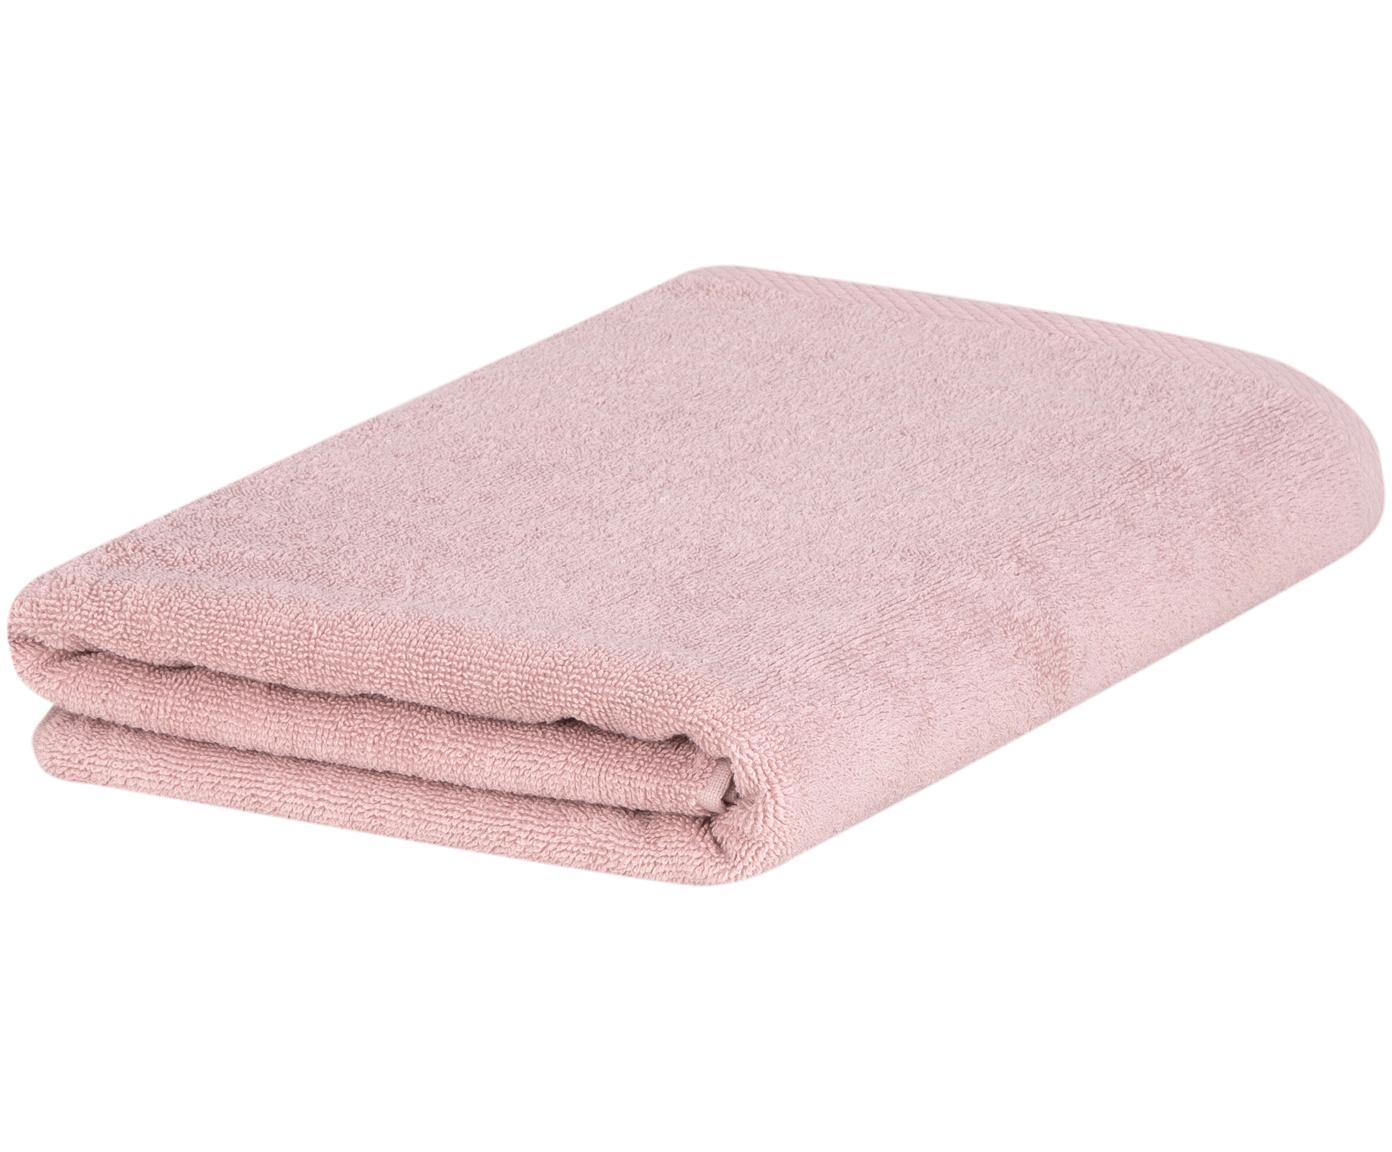 Einfarbiges Handtuch Comfort, Altrosa, Gästehandtuch